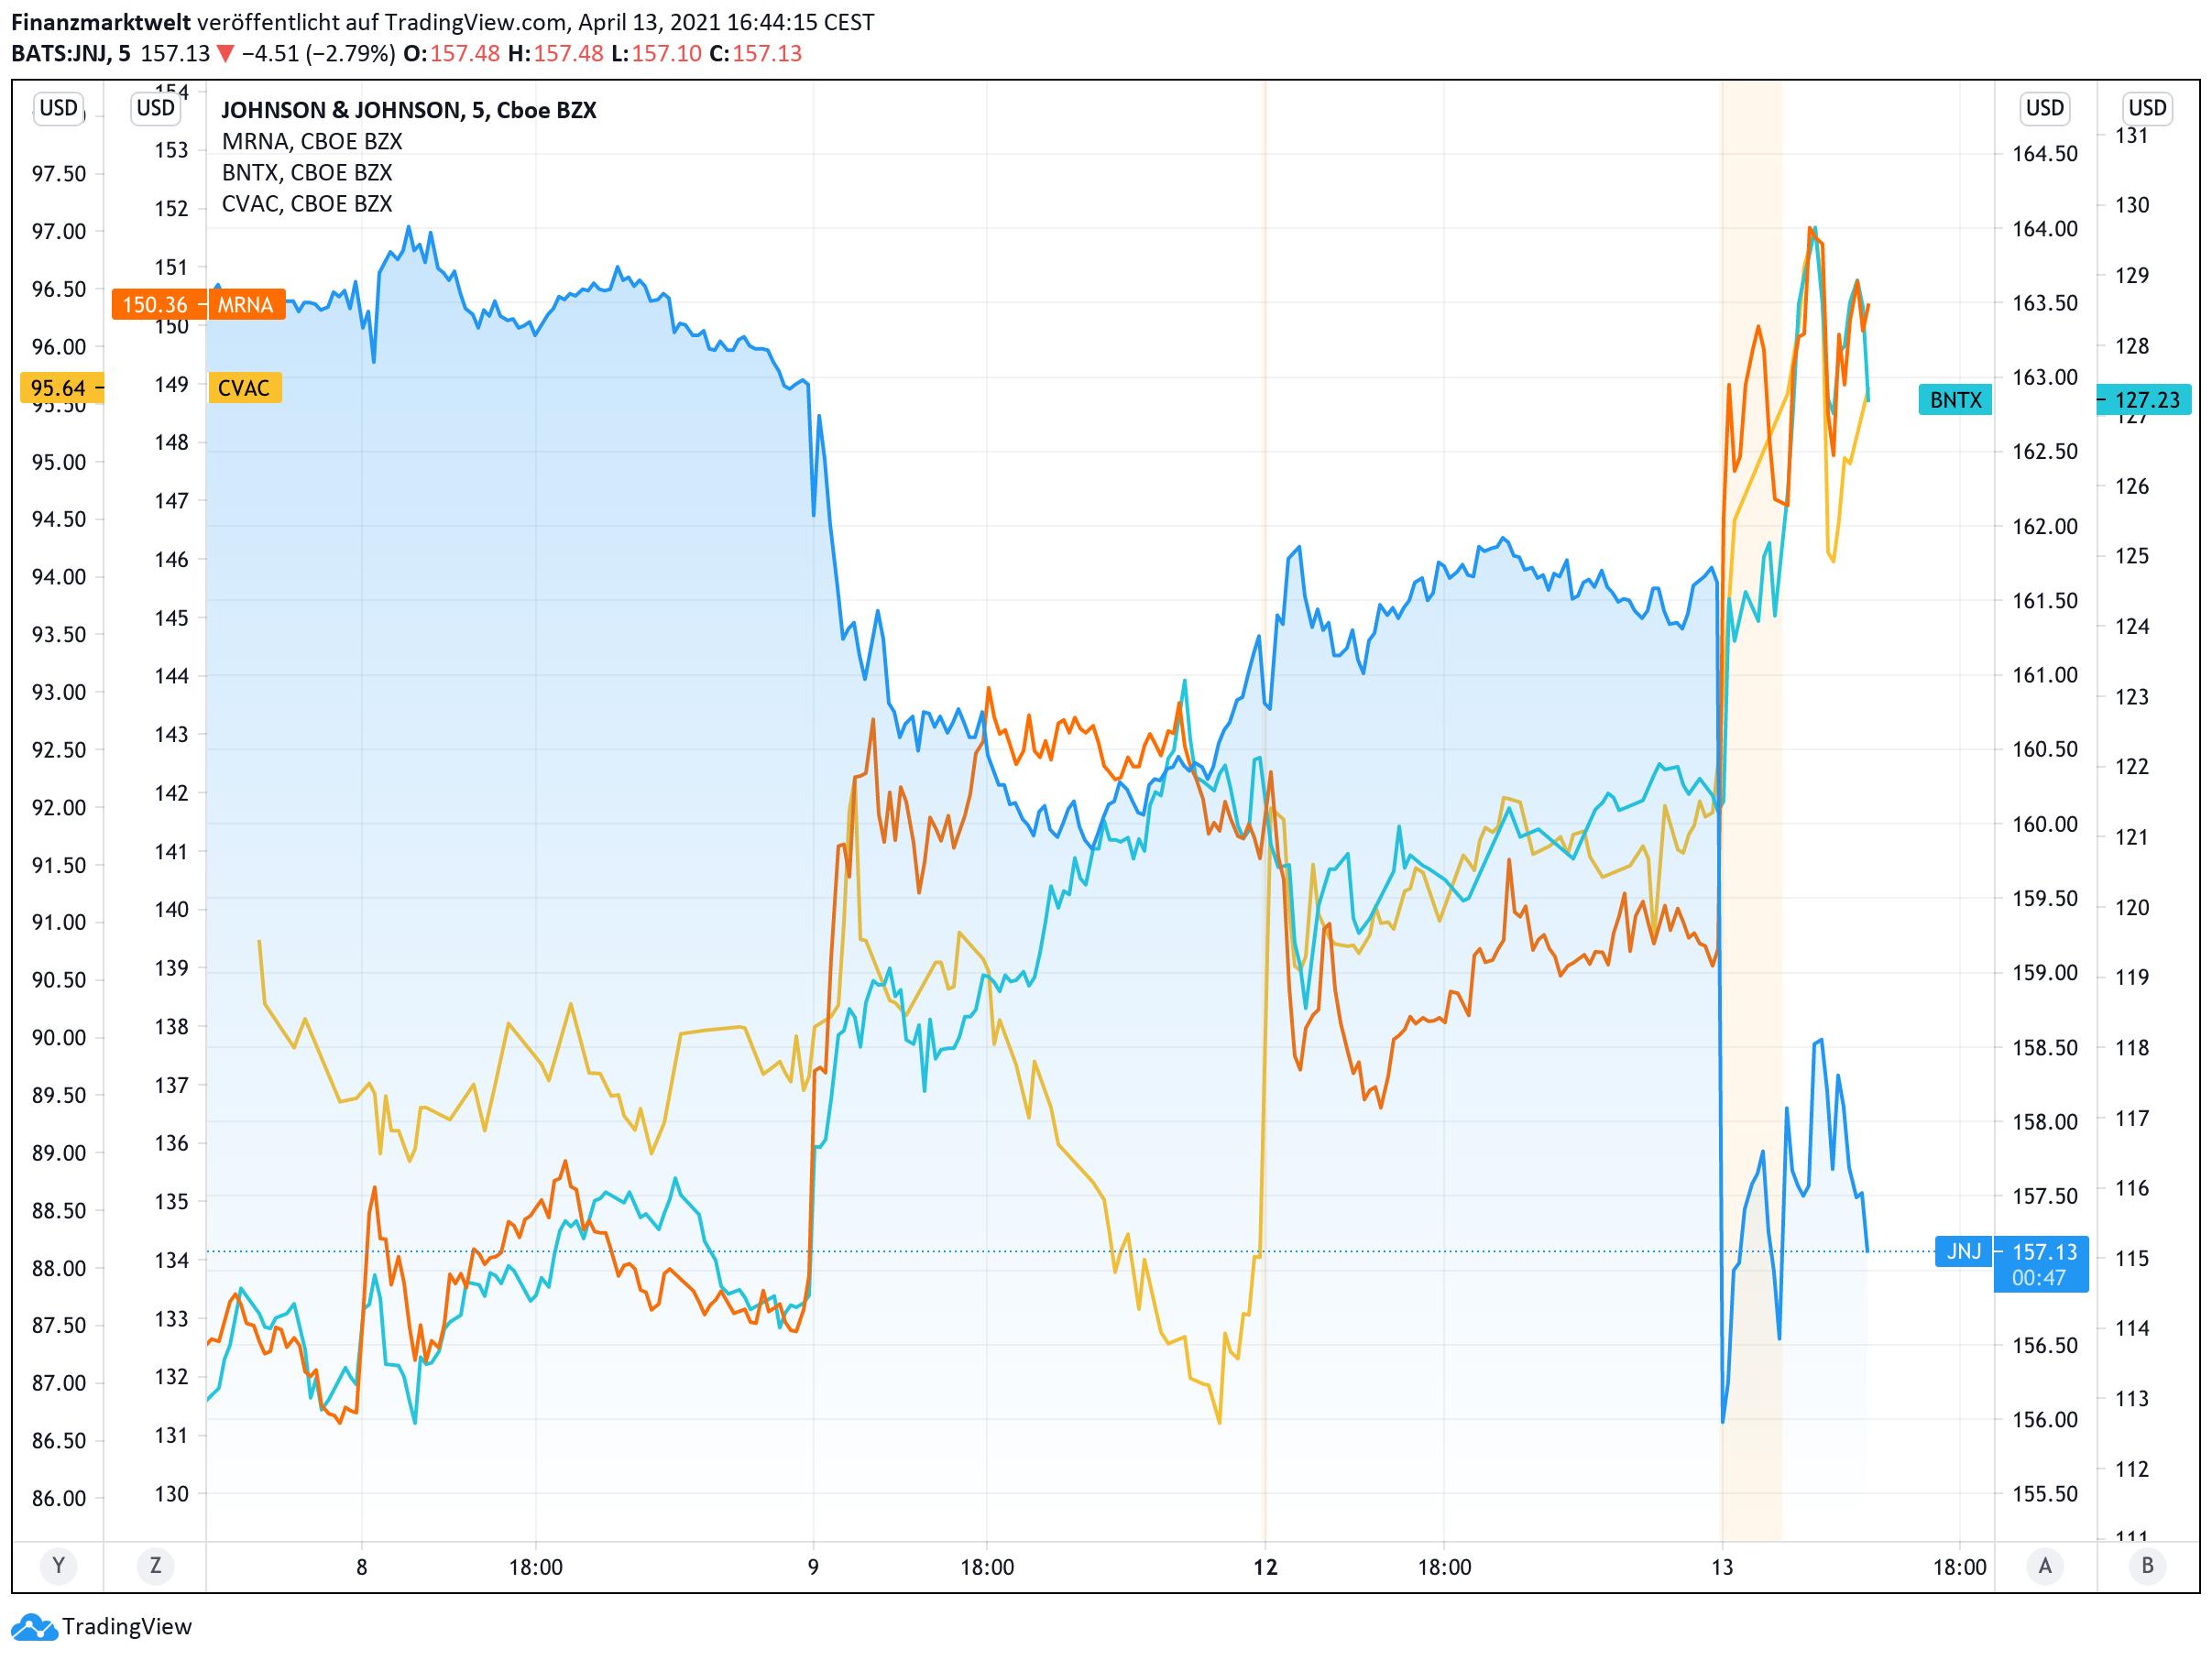 Chart zeigt Johnson & Johnson-Aktie im Vergleich zur Konkurrenz